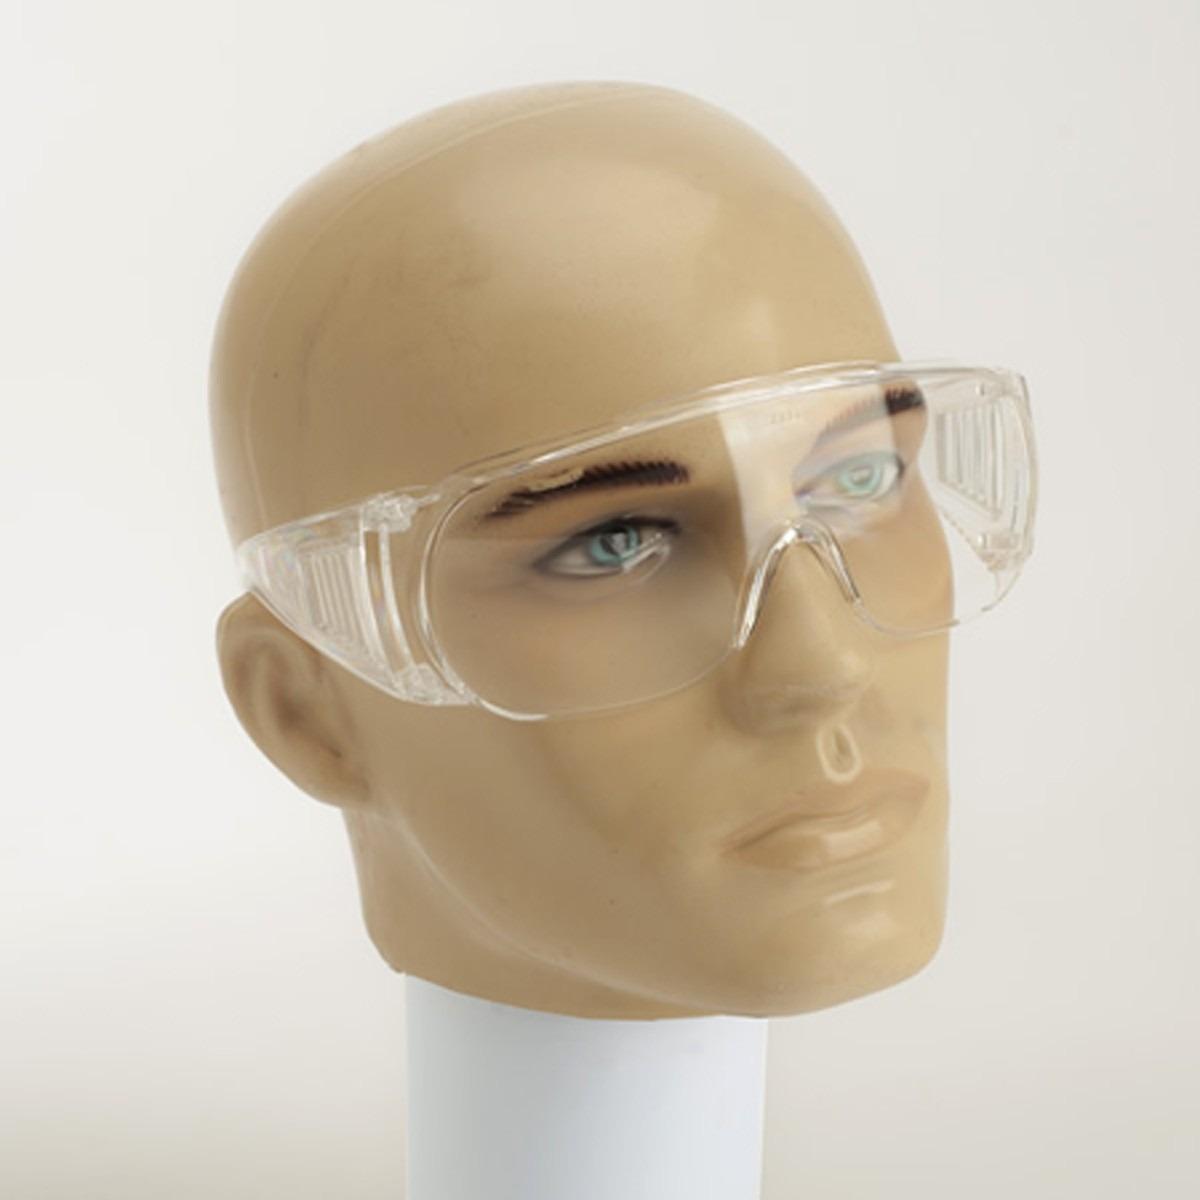 24e845afafb11 óculos segurança 3m vision 2000 incolor anti riscos 3 peças. Carregando zoom .